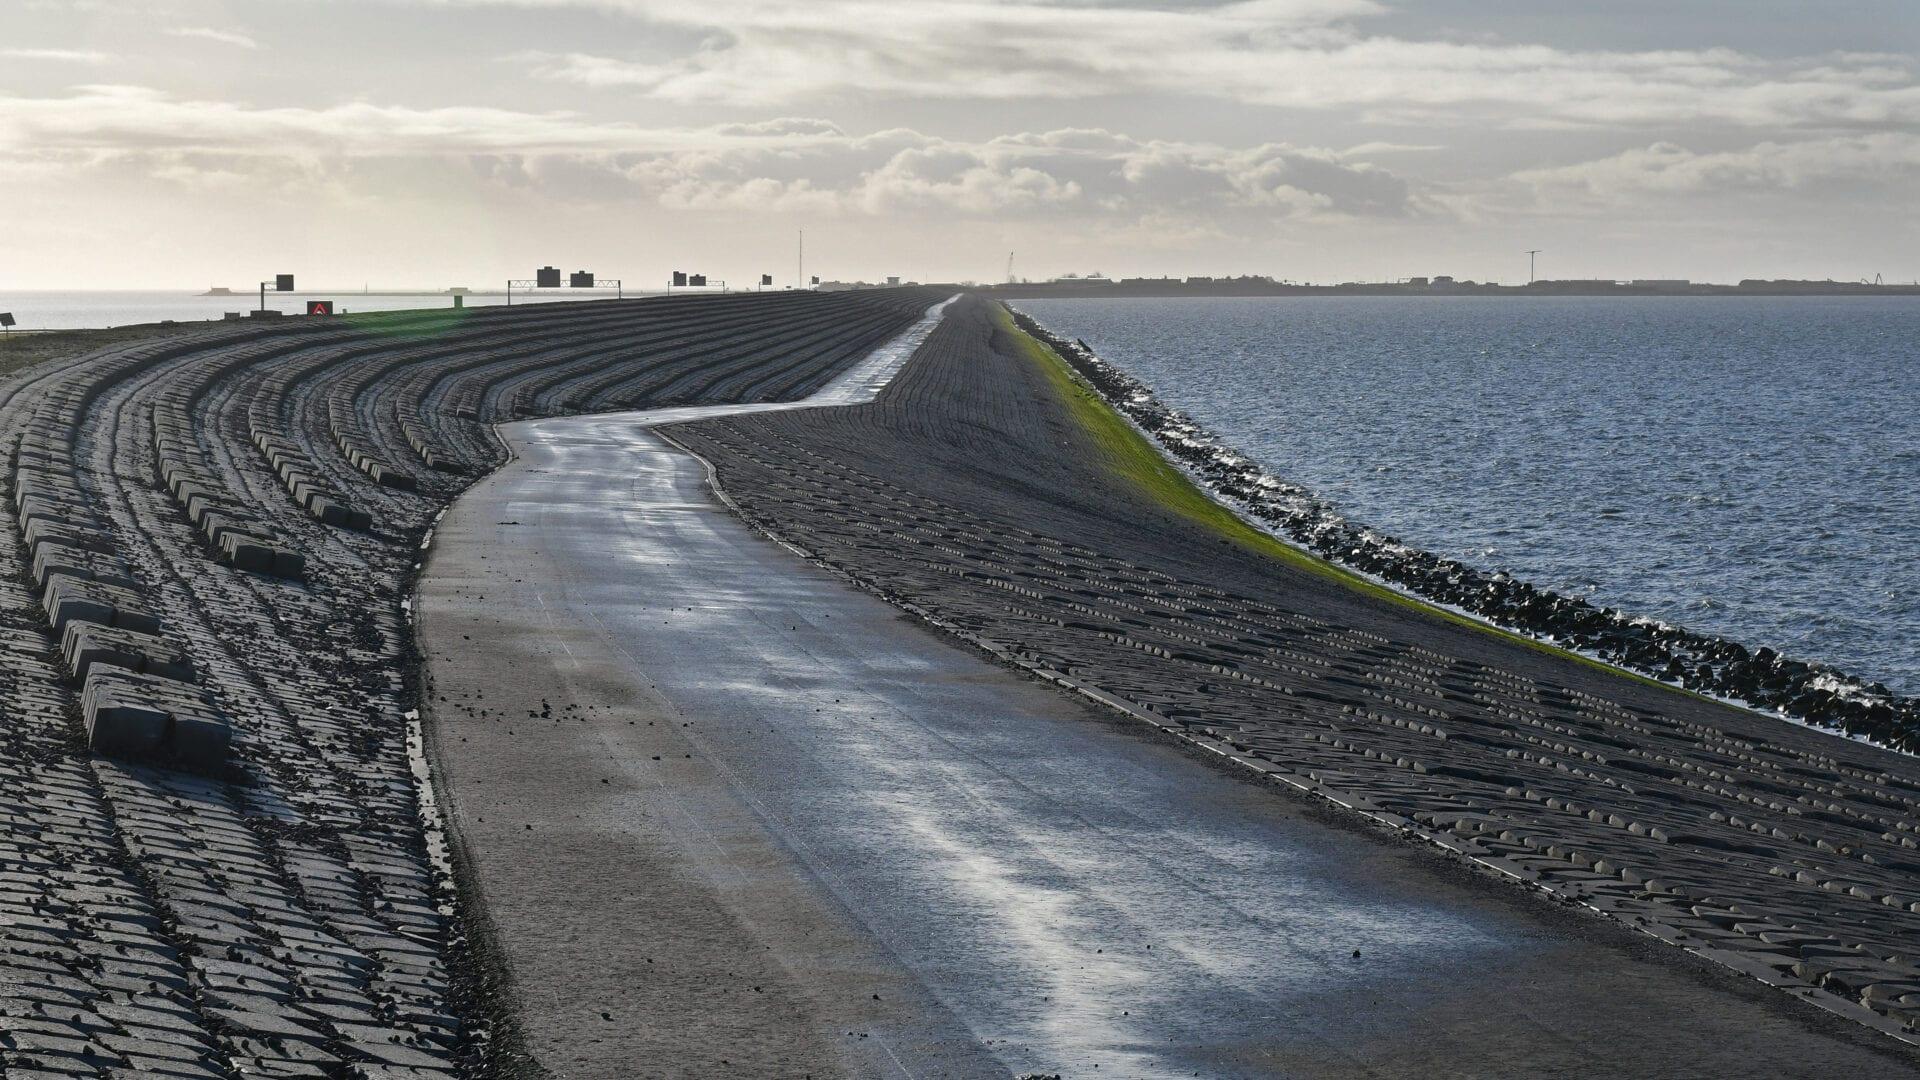 Je ziet een foto van de Quattroblocks bij de Afsluitdijk. Dit zijn blokken die aan de zijkant van de dijk liggen. Aan de rechterkant zie je het water van de Waddenzee. Links loopt de autoweg.